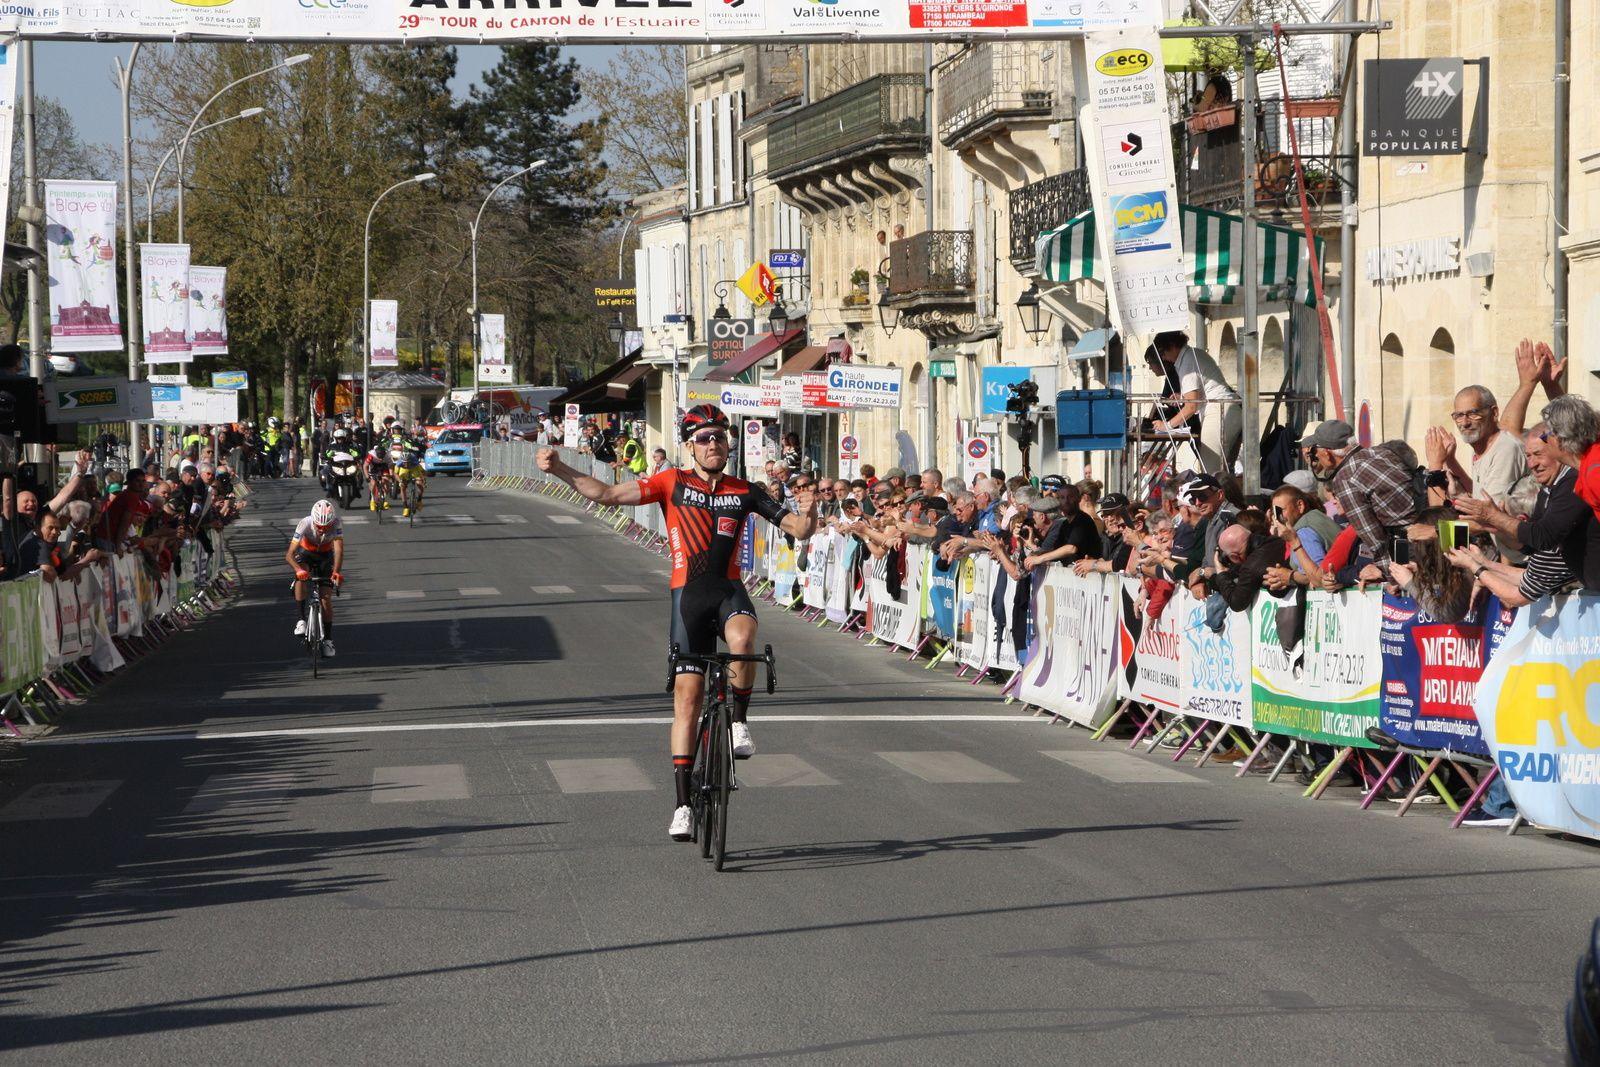 L'arrivée  et  la  victoire  pour  Michaél  GUICHARD, le  récend  vainqueur  de  Bordeaux-Saintes